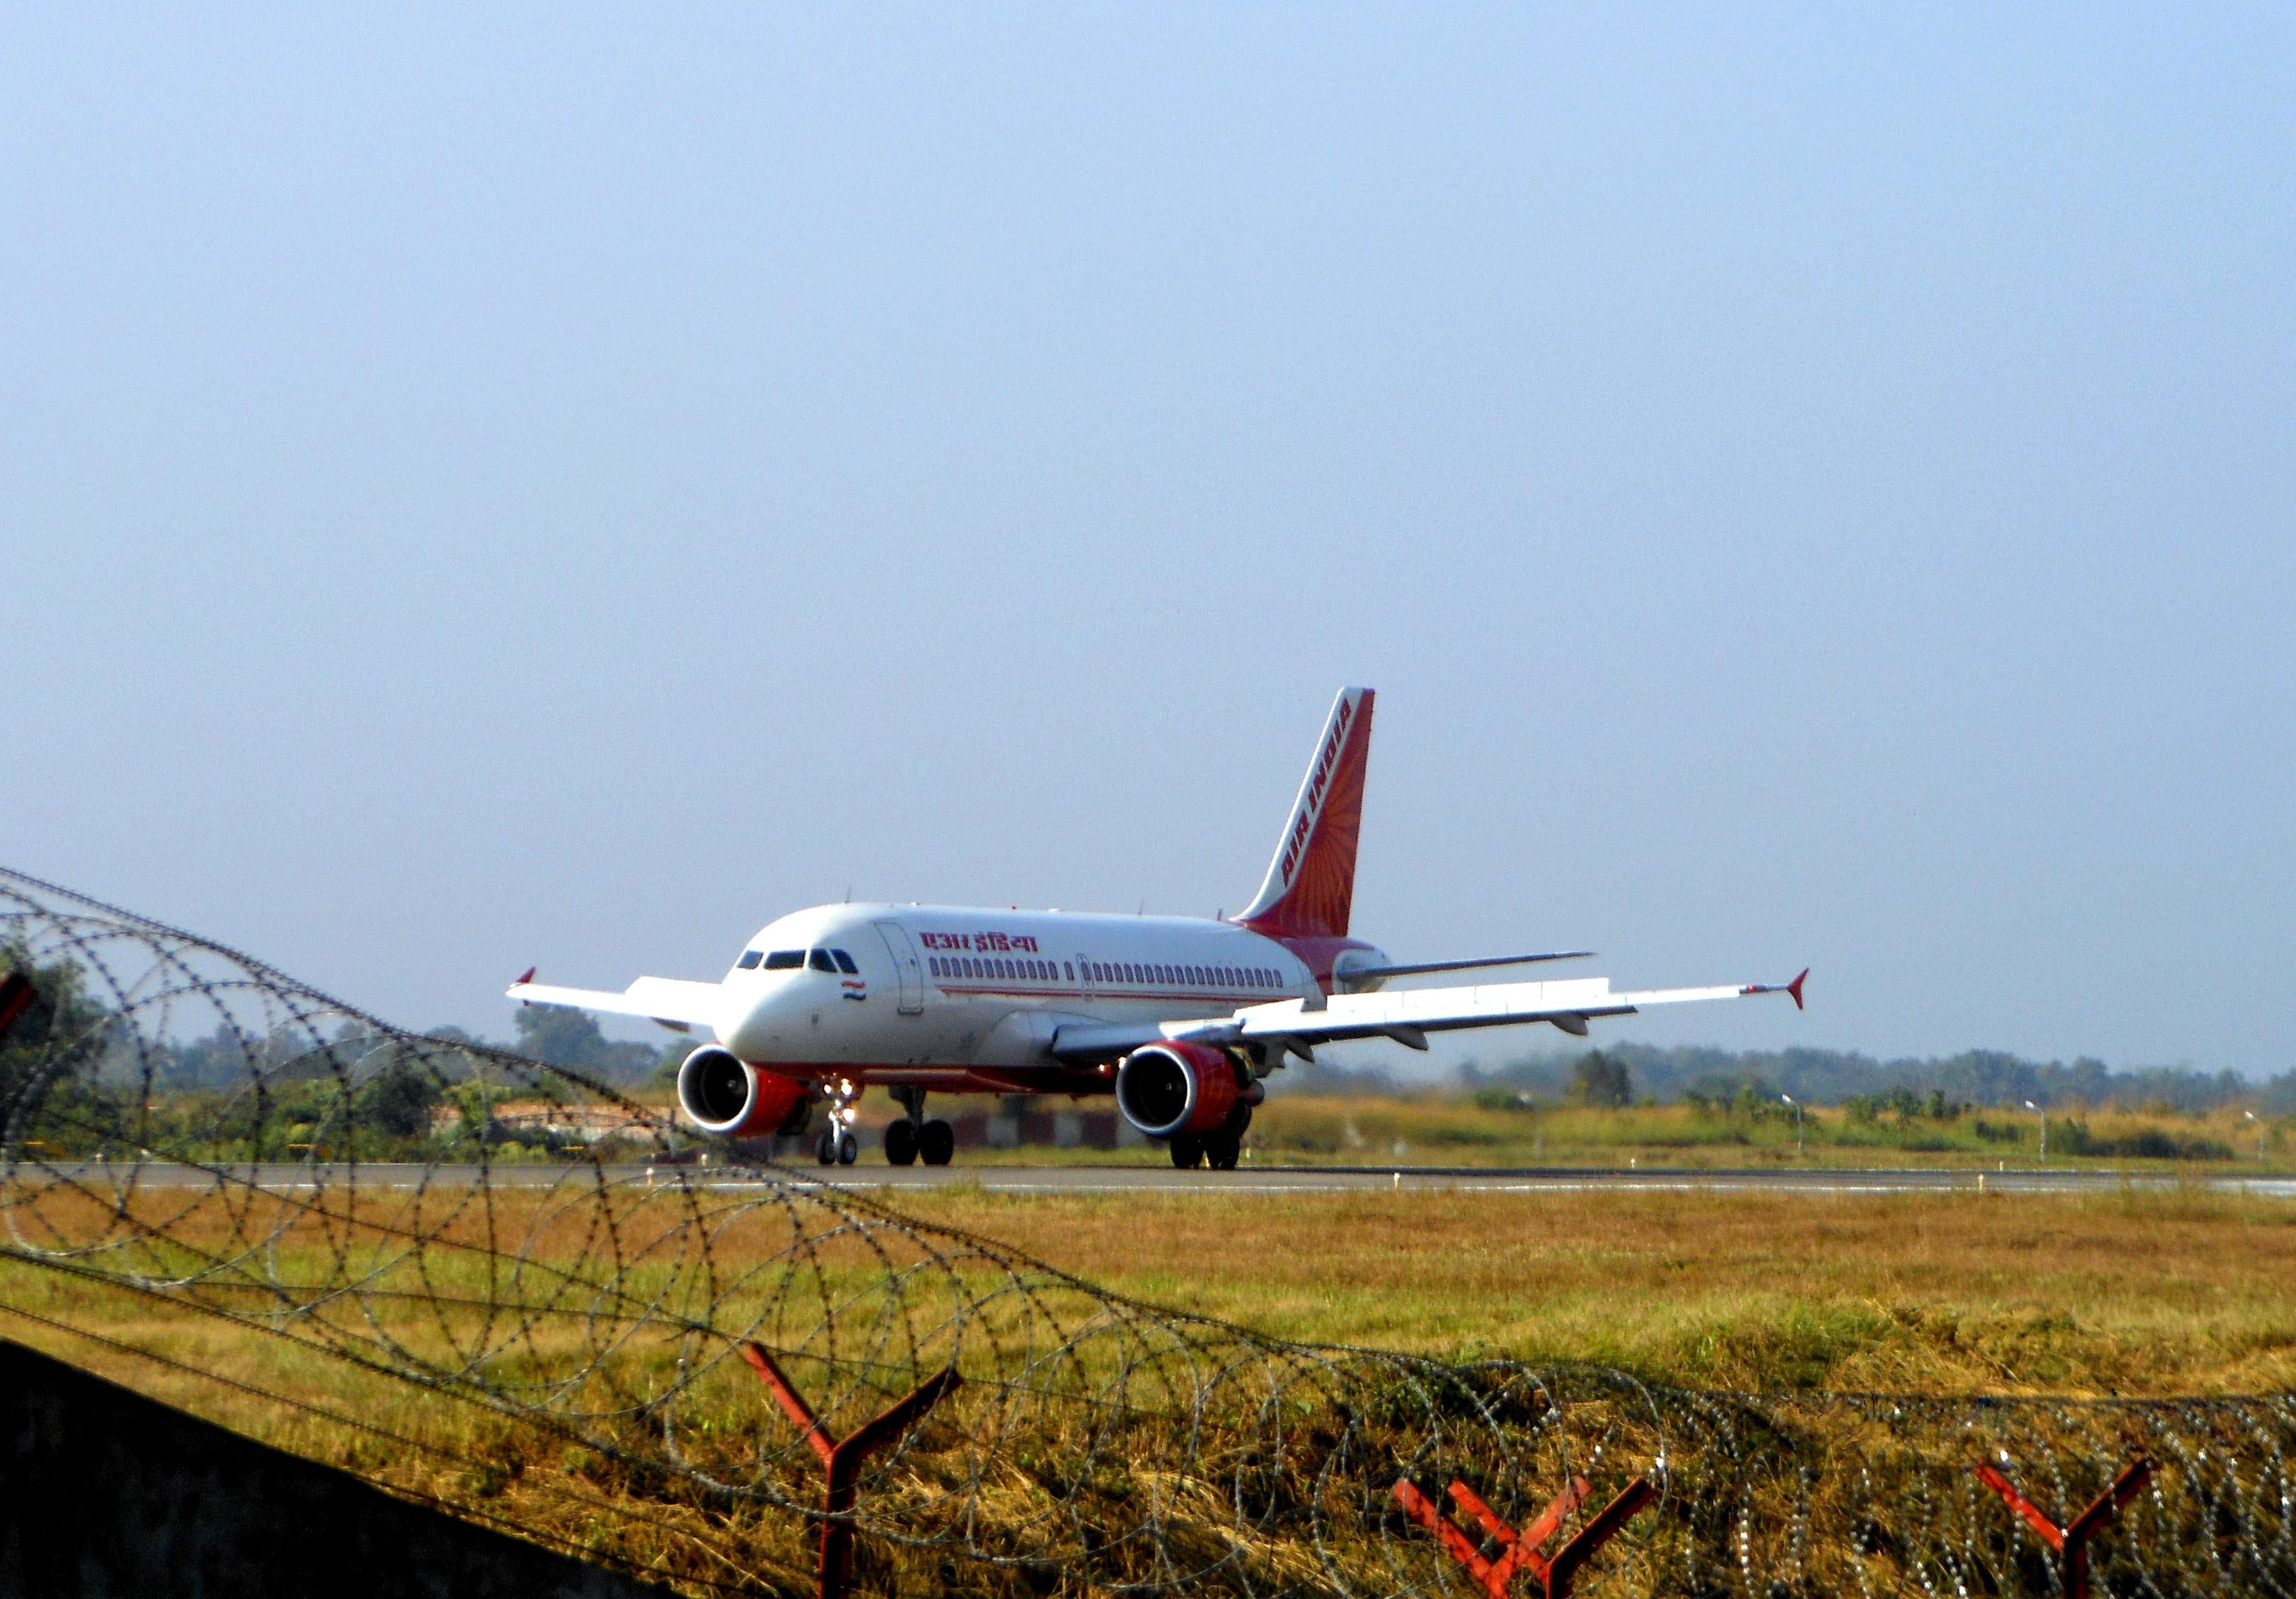 Tulihal Airport